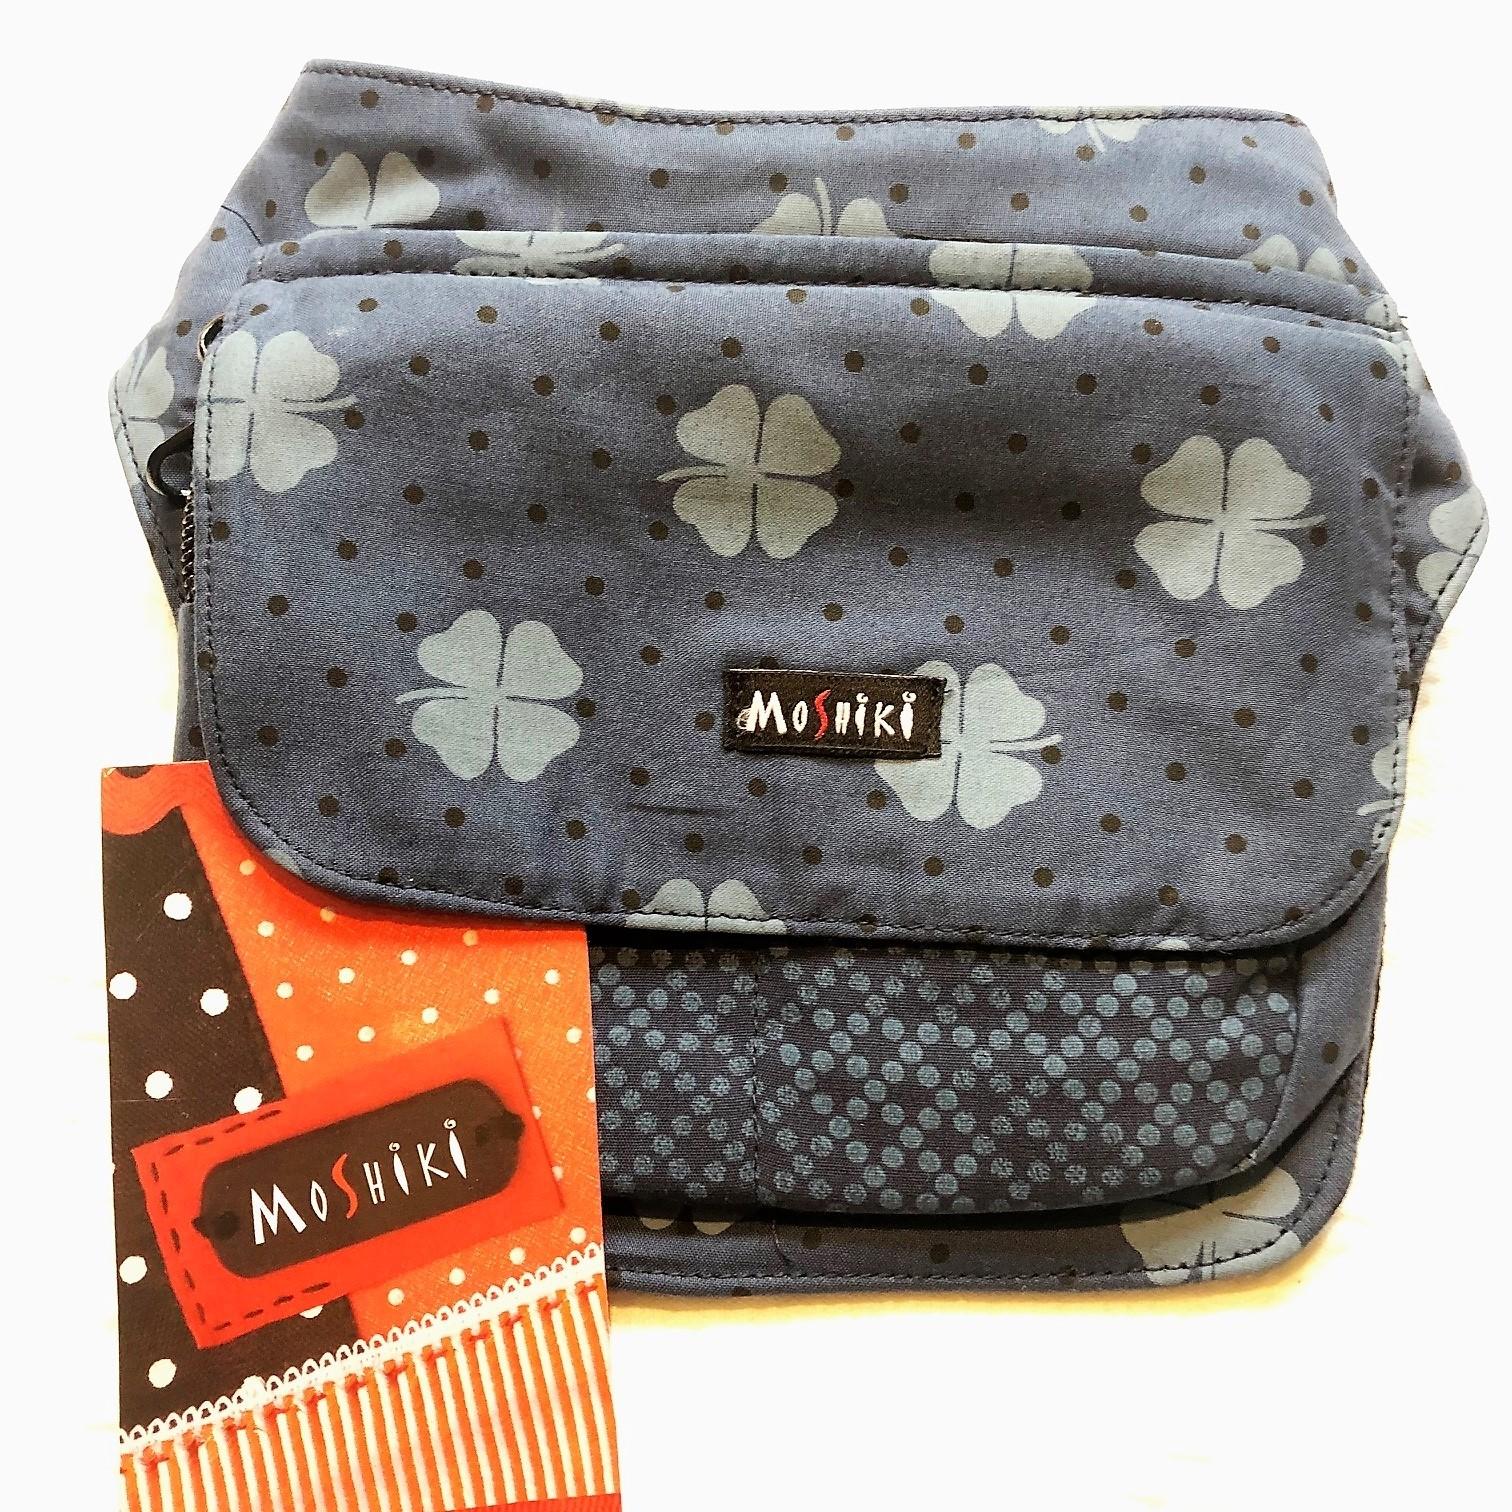 Moshiki Hot Belt #6 LONDON Hüfttasche mit praktischen Unterteilungen 8572 blau